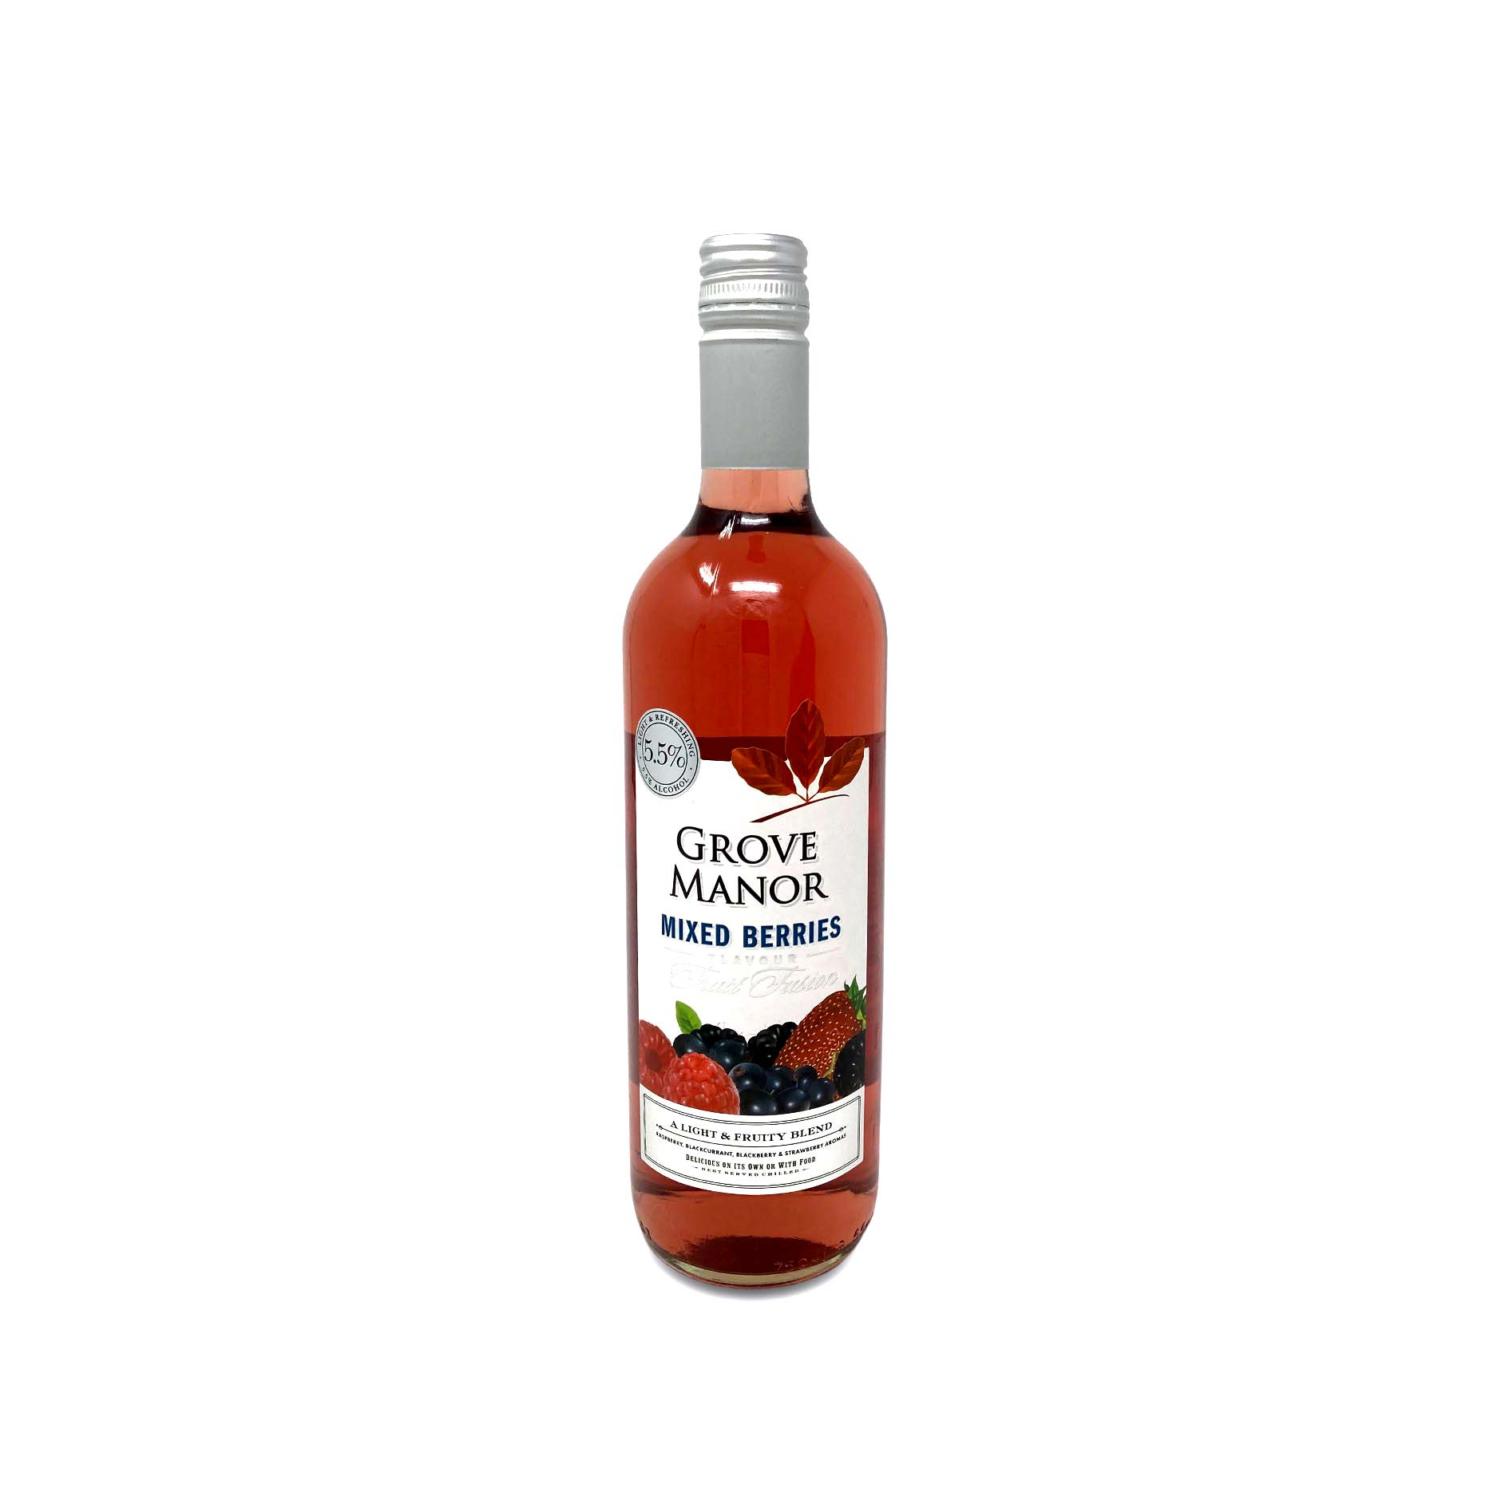 Grove Manor Mixed Berries Fruit Wine 75cl